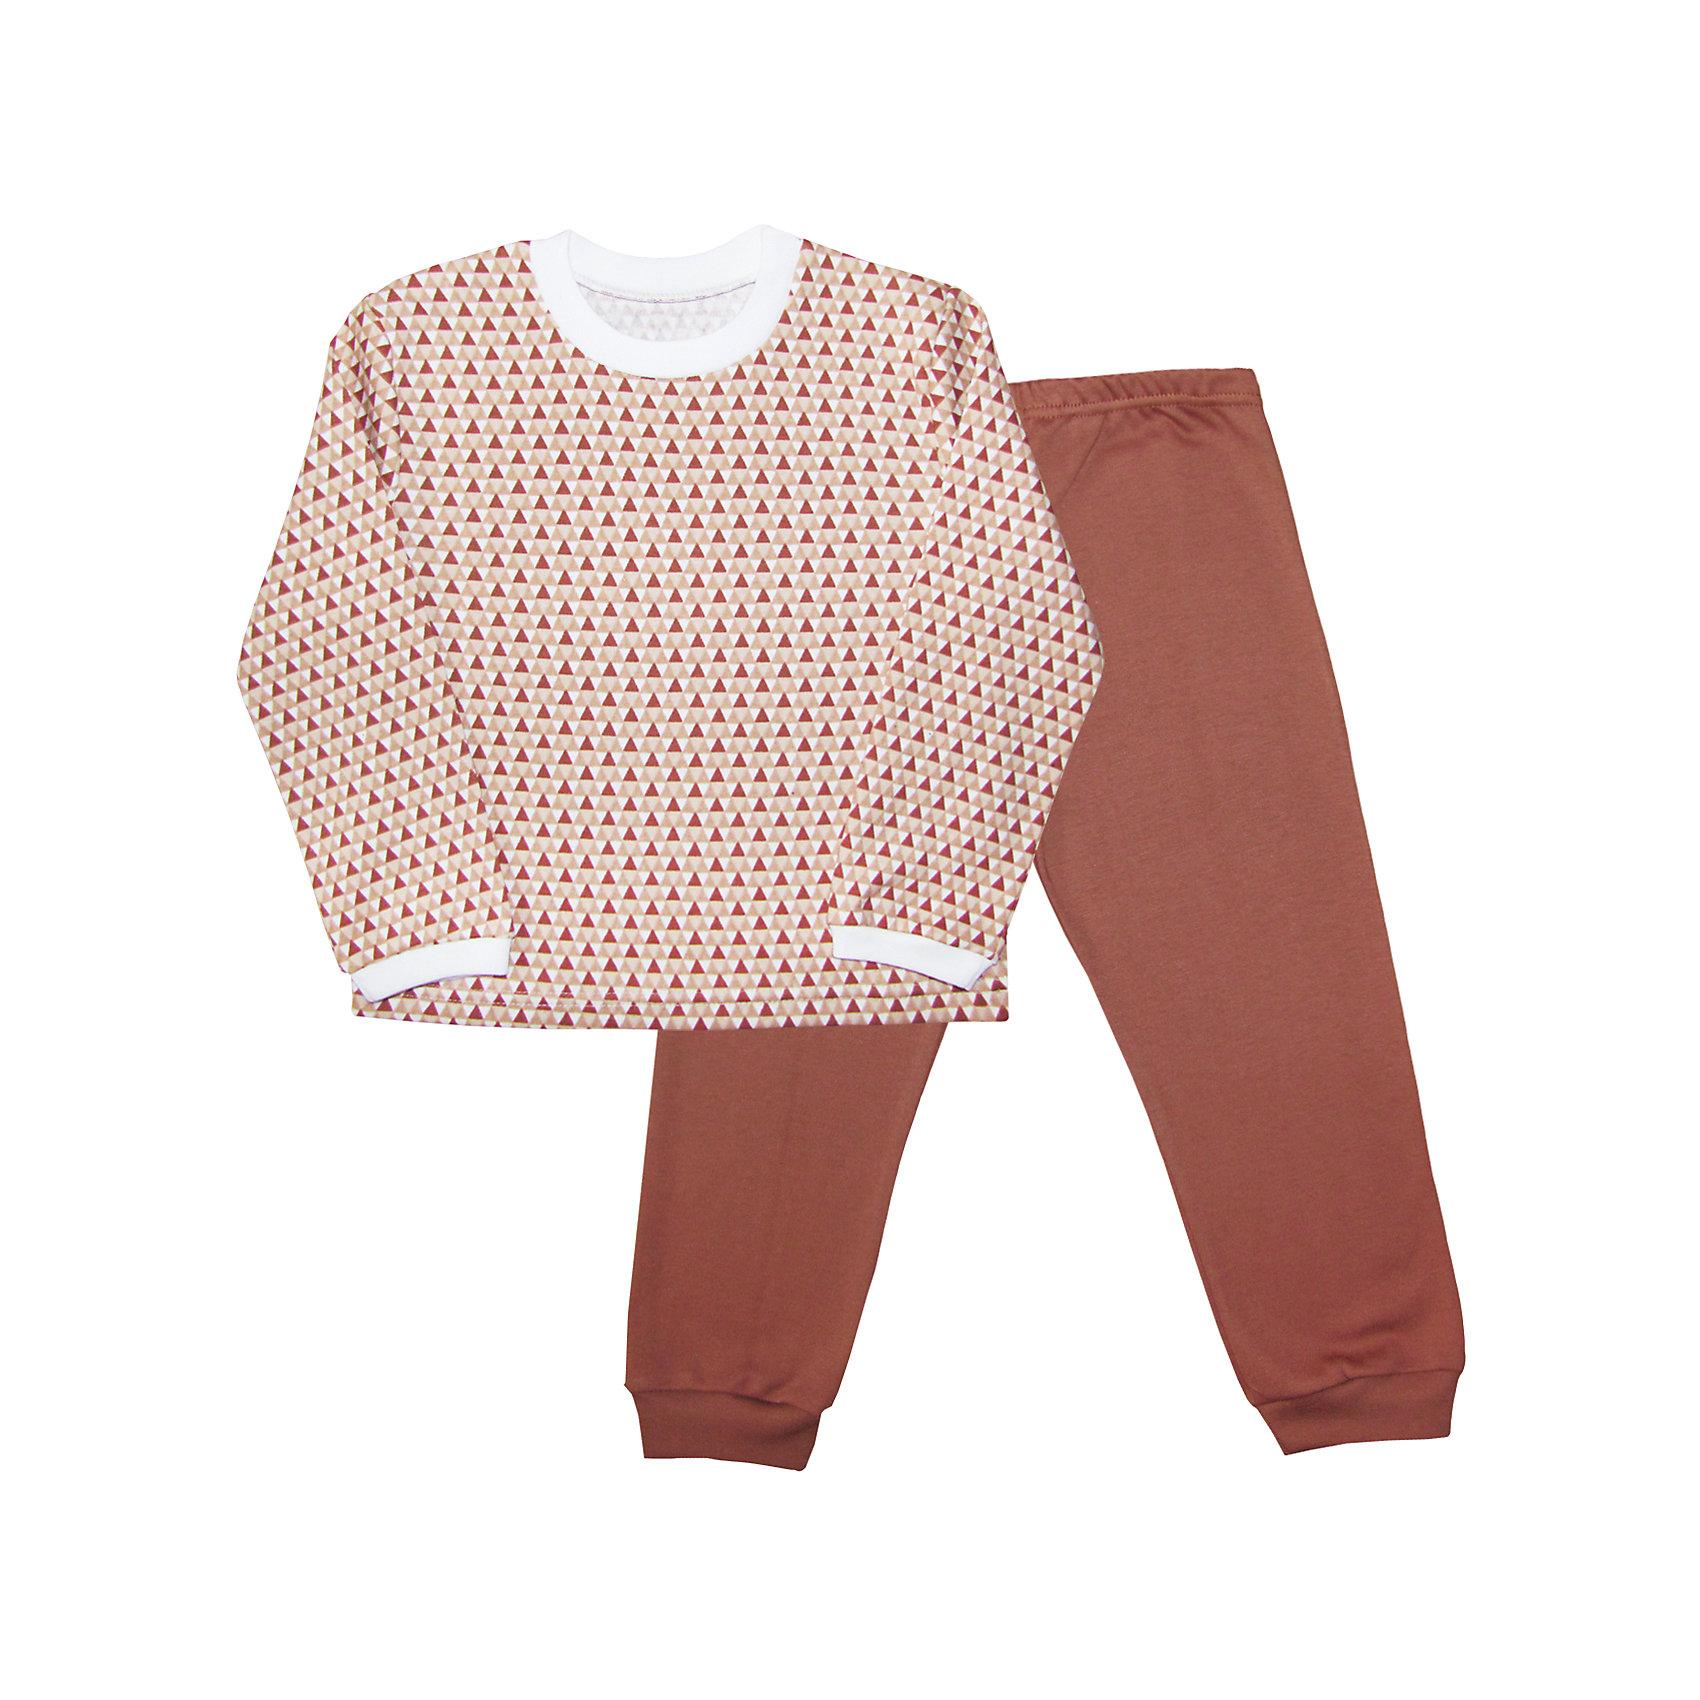 Пижама для мальчика Веселый малышПижамы и сорочки<br>Пижама из интерлока (пенье).<br>Состав:<br>100% Хлопок<br><br>Ширина мм: 196<br>Глубина мм: 10<br>Высота мм: 154<br>Вес г: 152<br>Цвет: коричневый<br>Возраст от месяцев: 12<br>Возраст до месяцев: 18<br>Пол: Мужской<br>Возраст: Детский<br>Размер: 86,116,92,98,104,110<br>SKU: 5063104